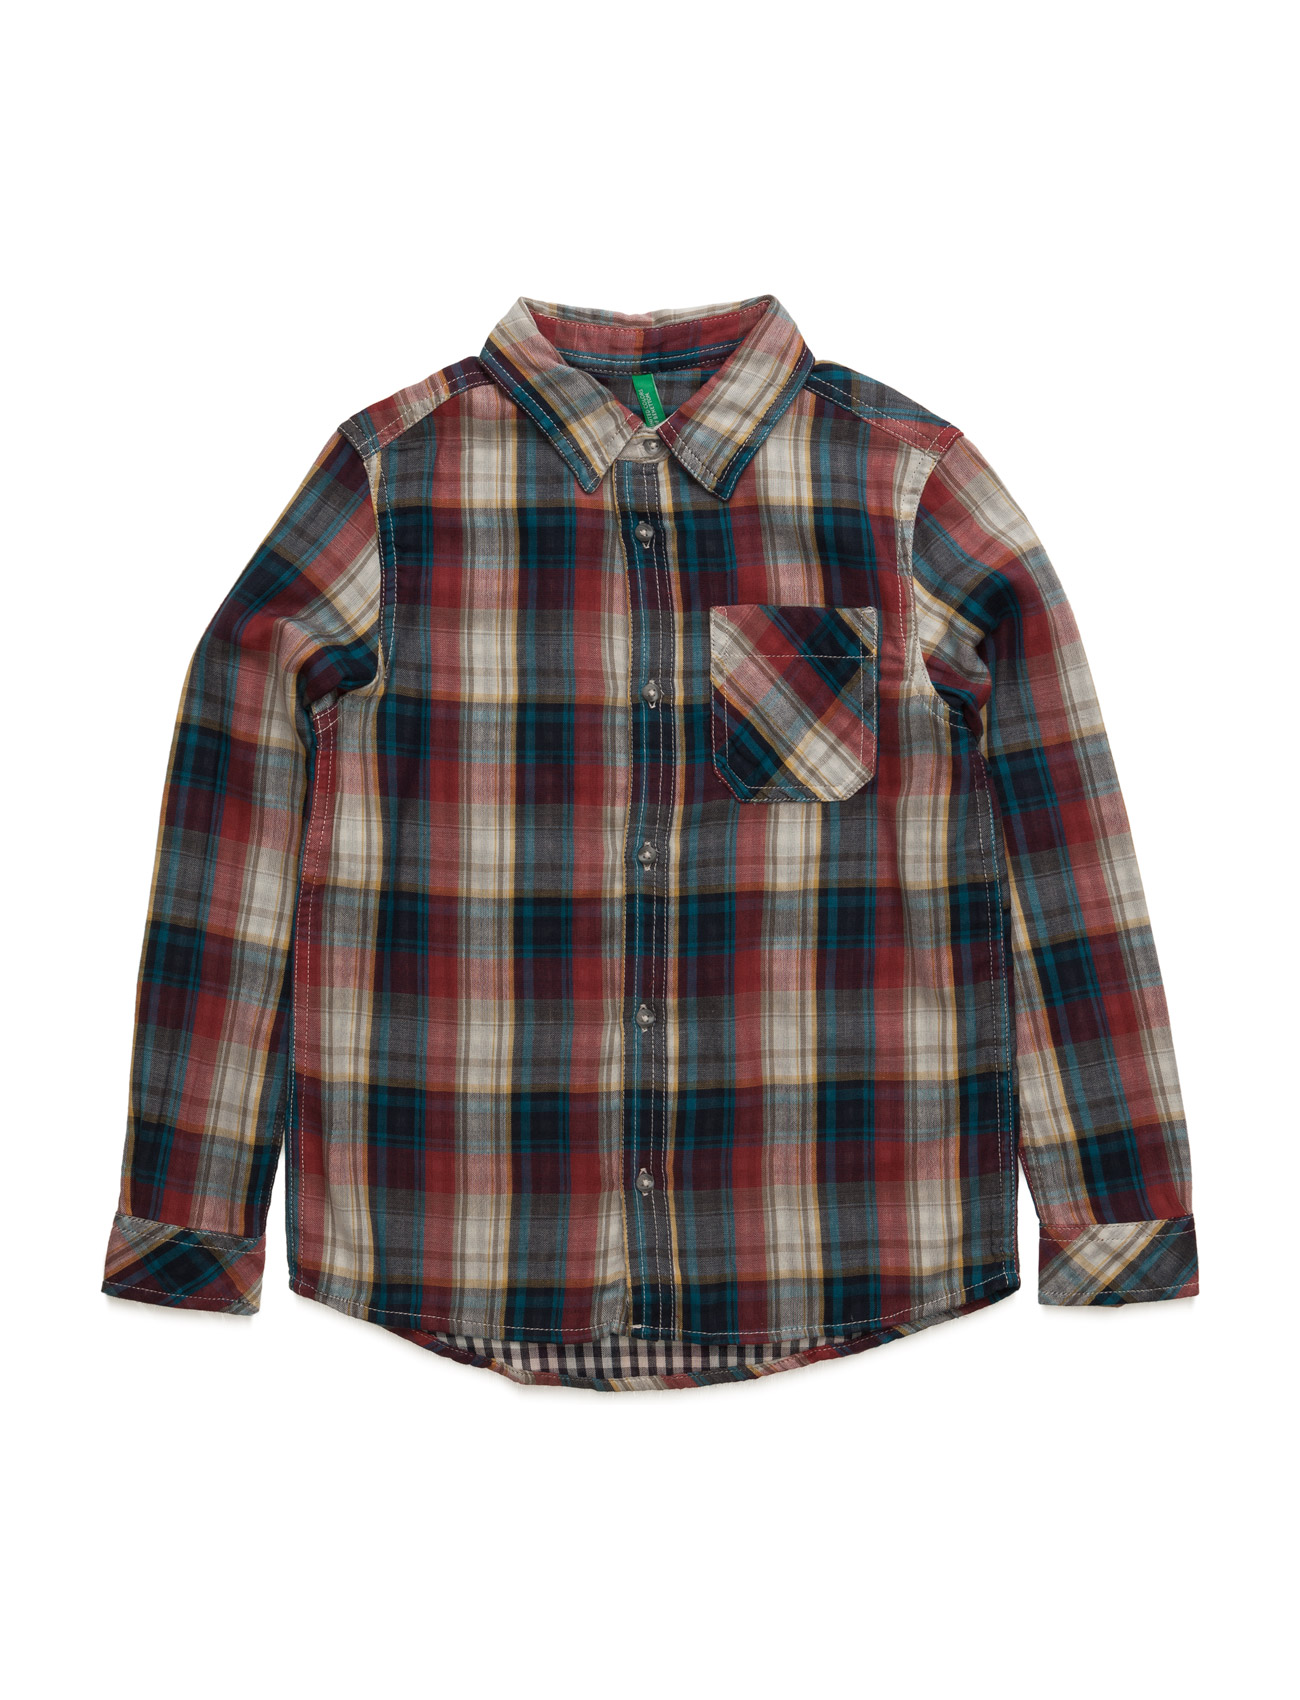 Shirt United Colors of Benetton Trøjer til Drenge i